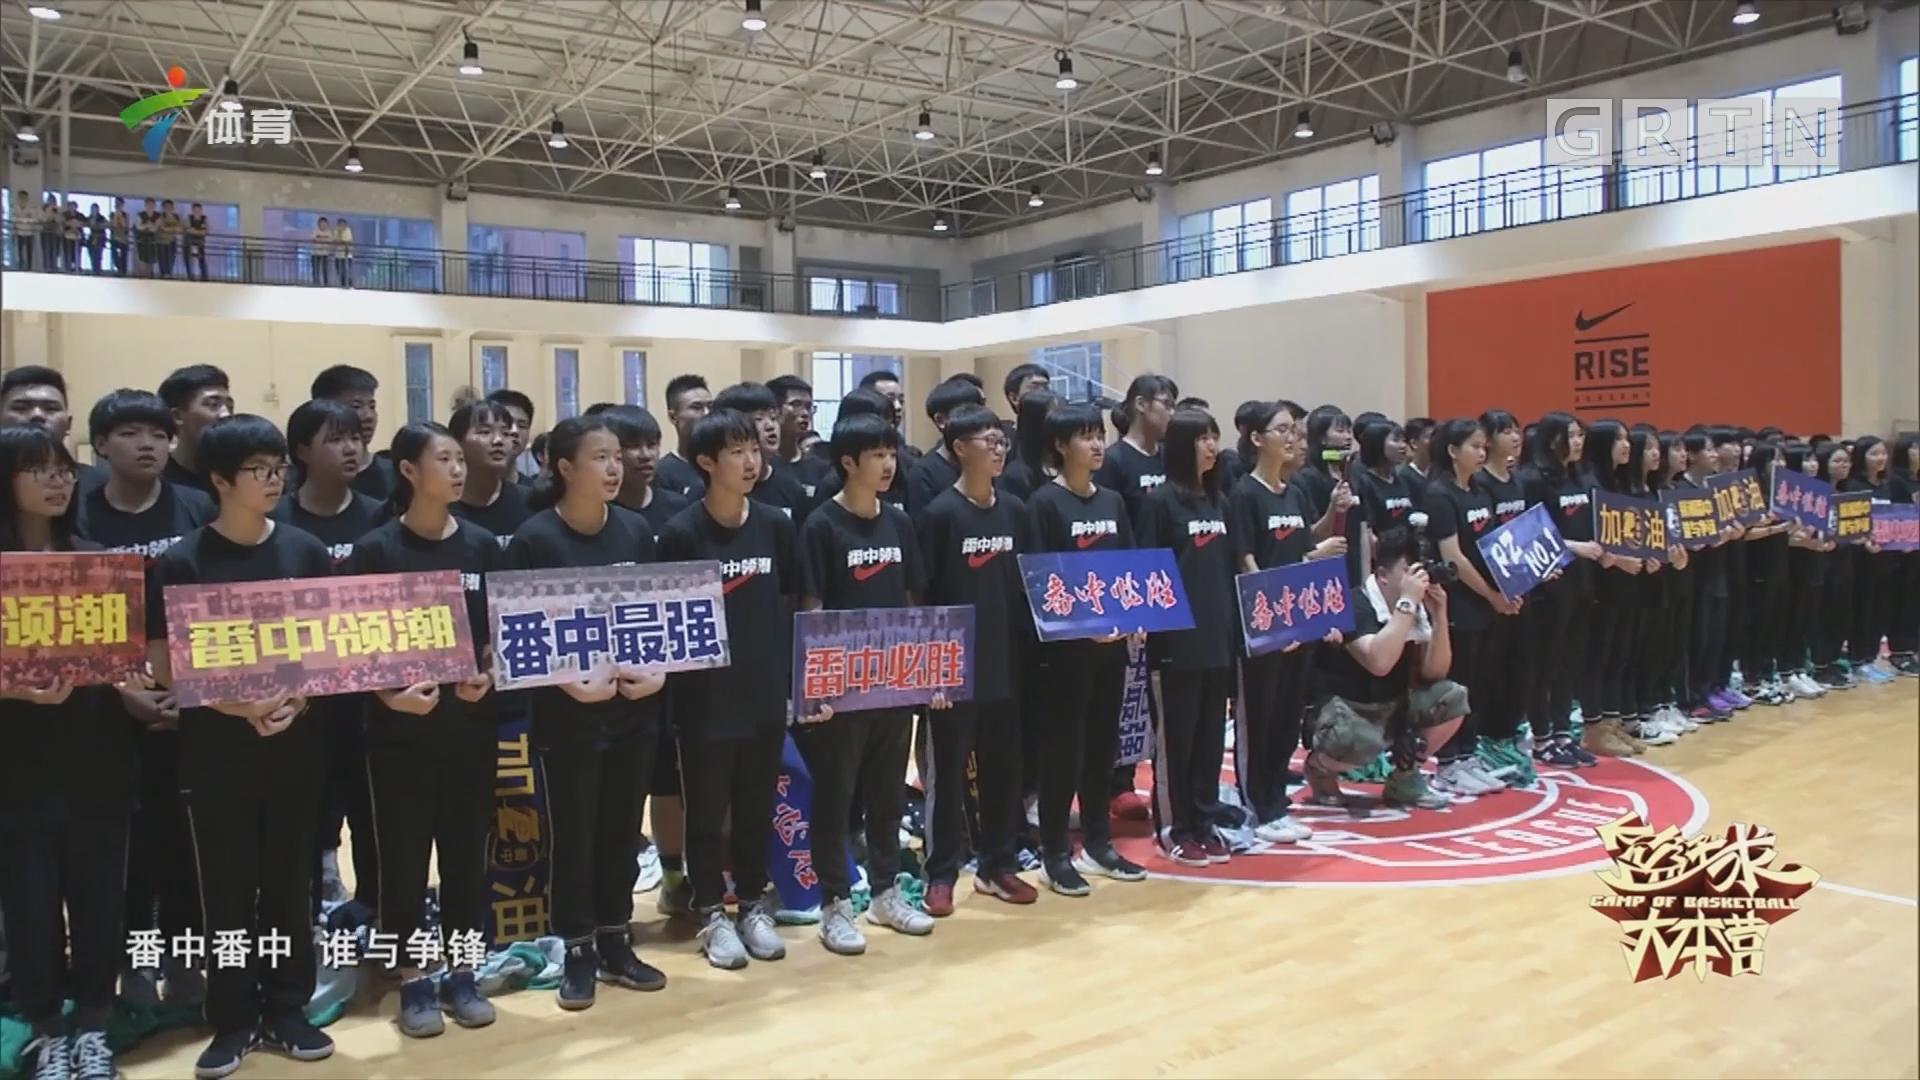 热血篮球 青春无限